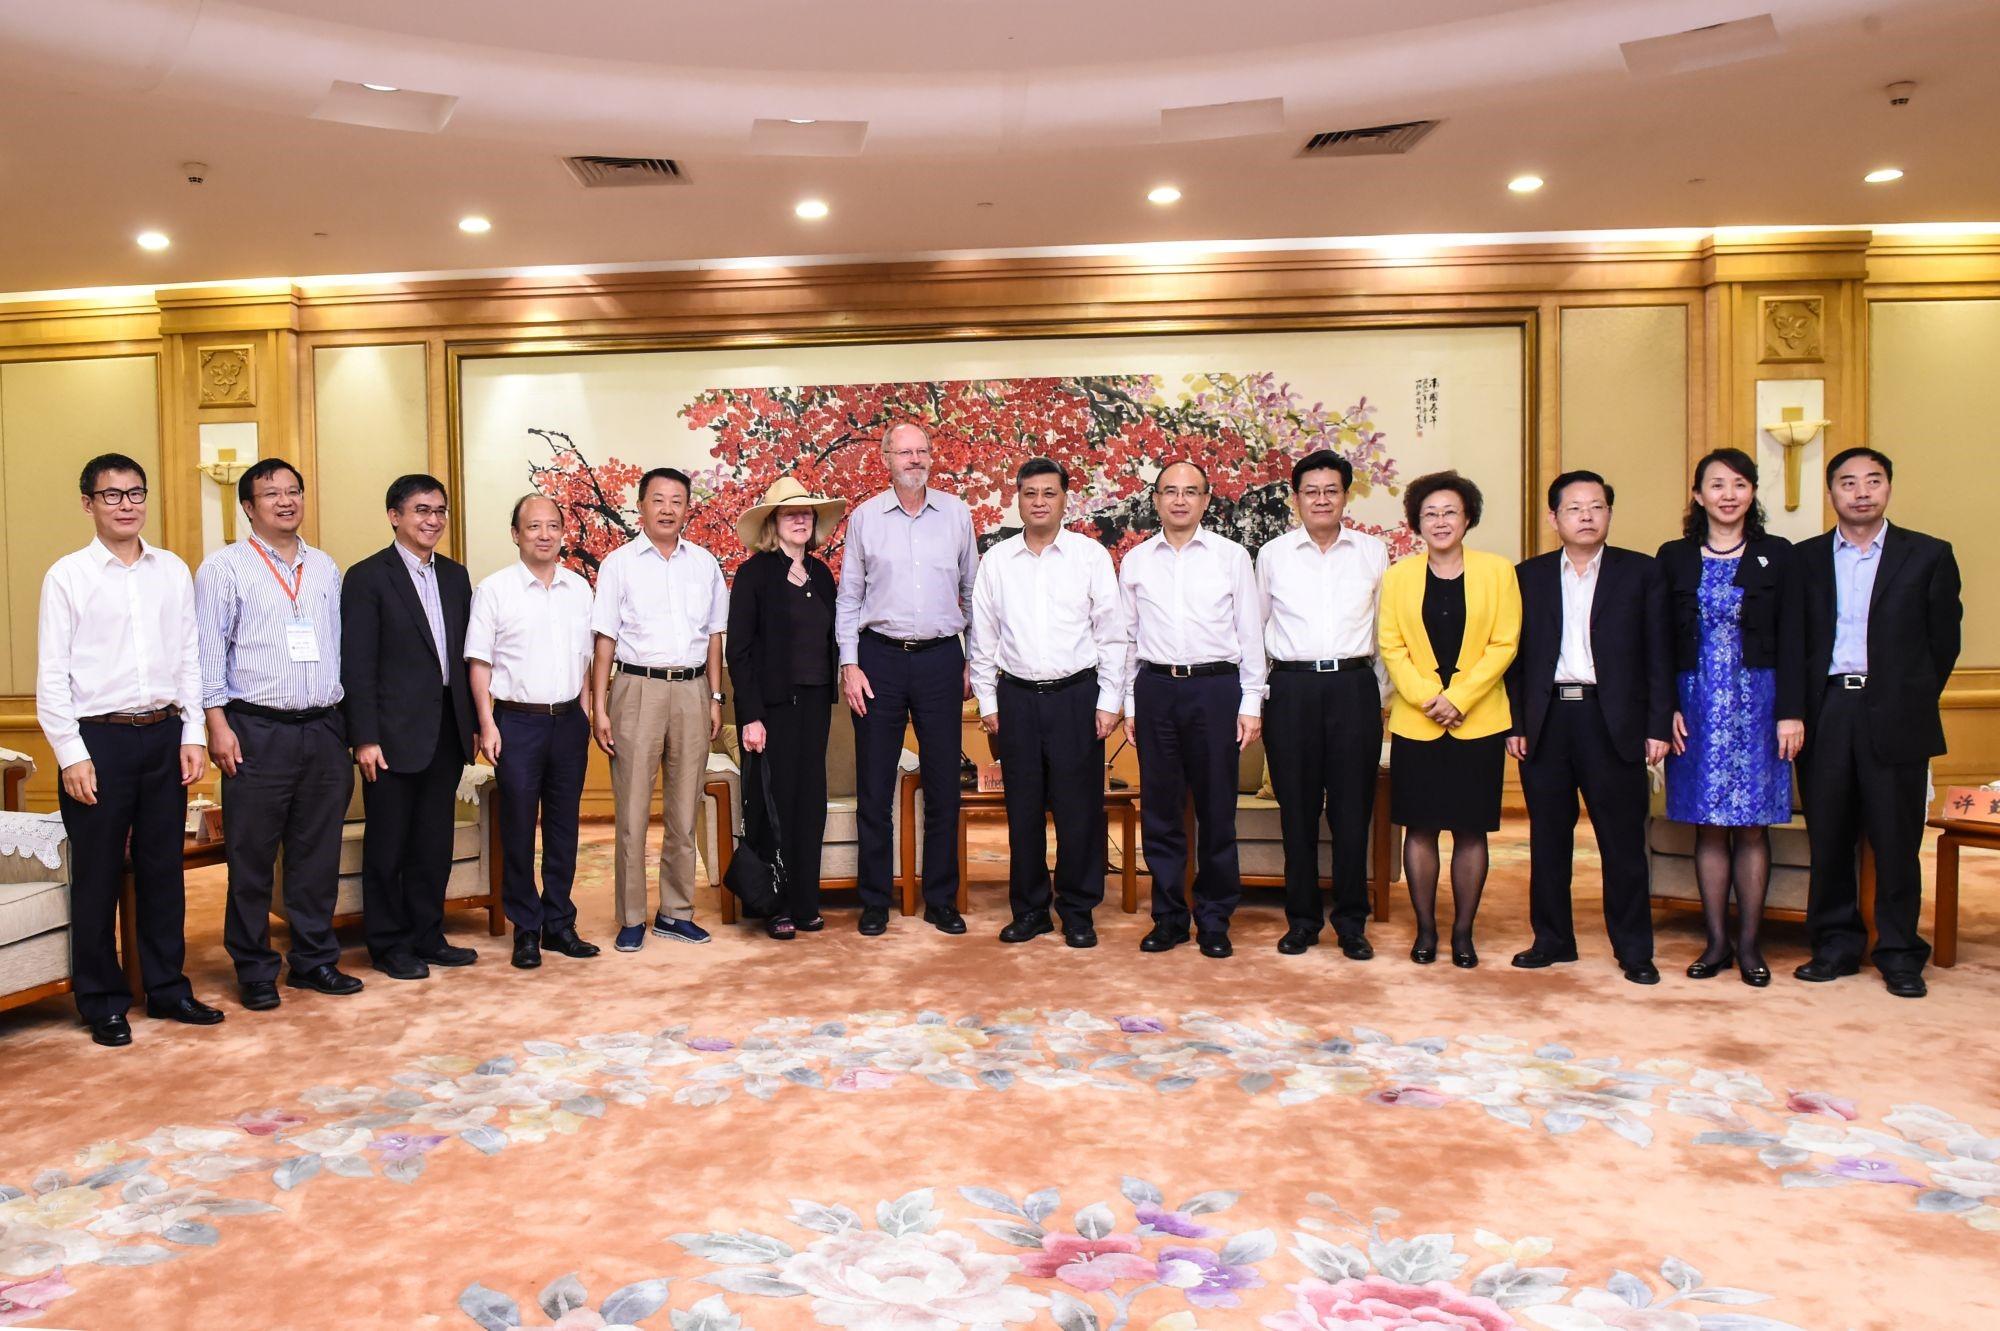 Leaders of Shenzhen Municipal Government Met with Nobel Laureate Robert Grubbs